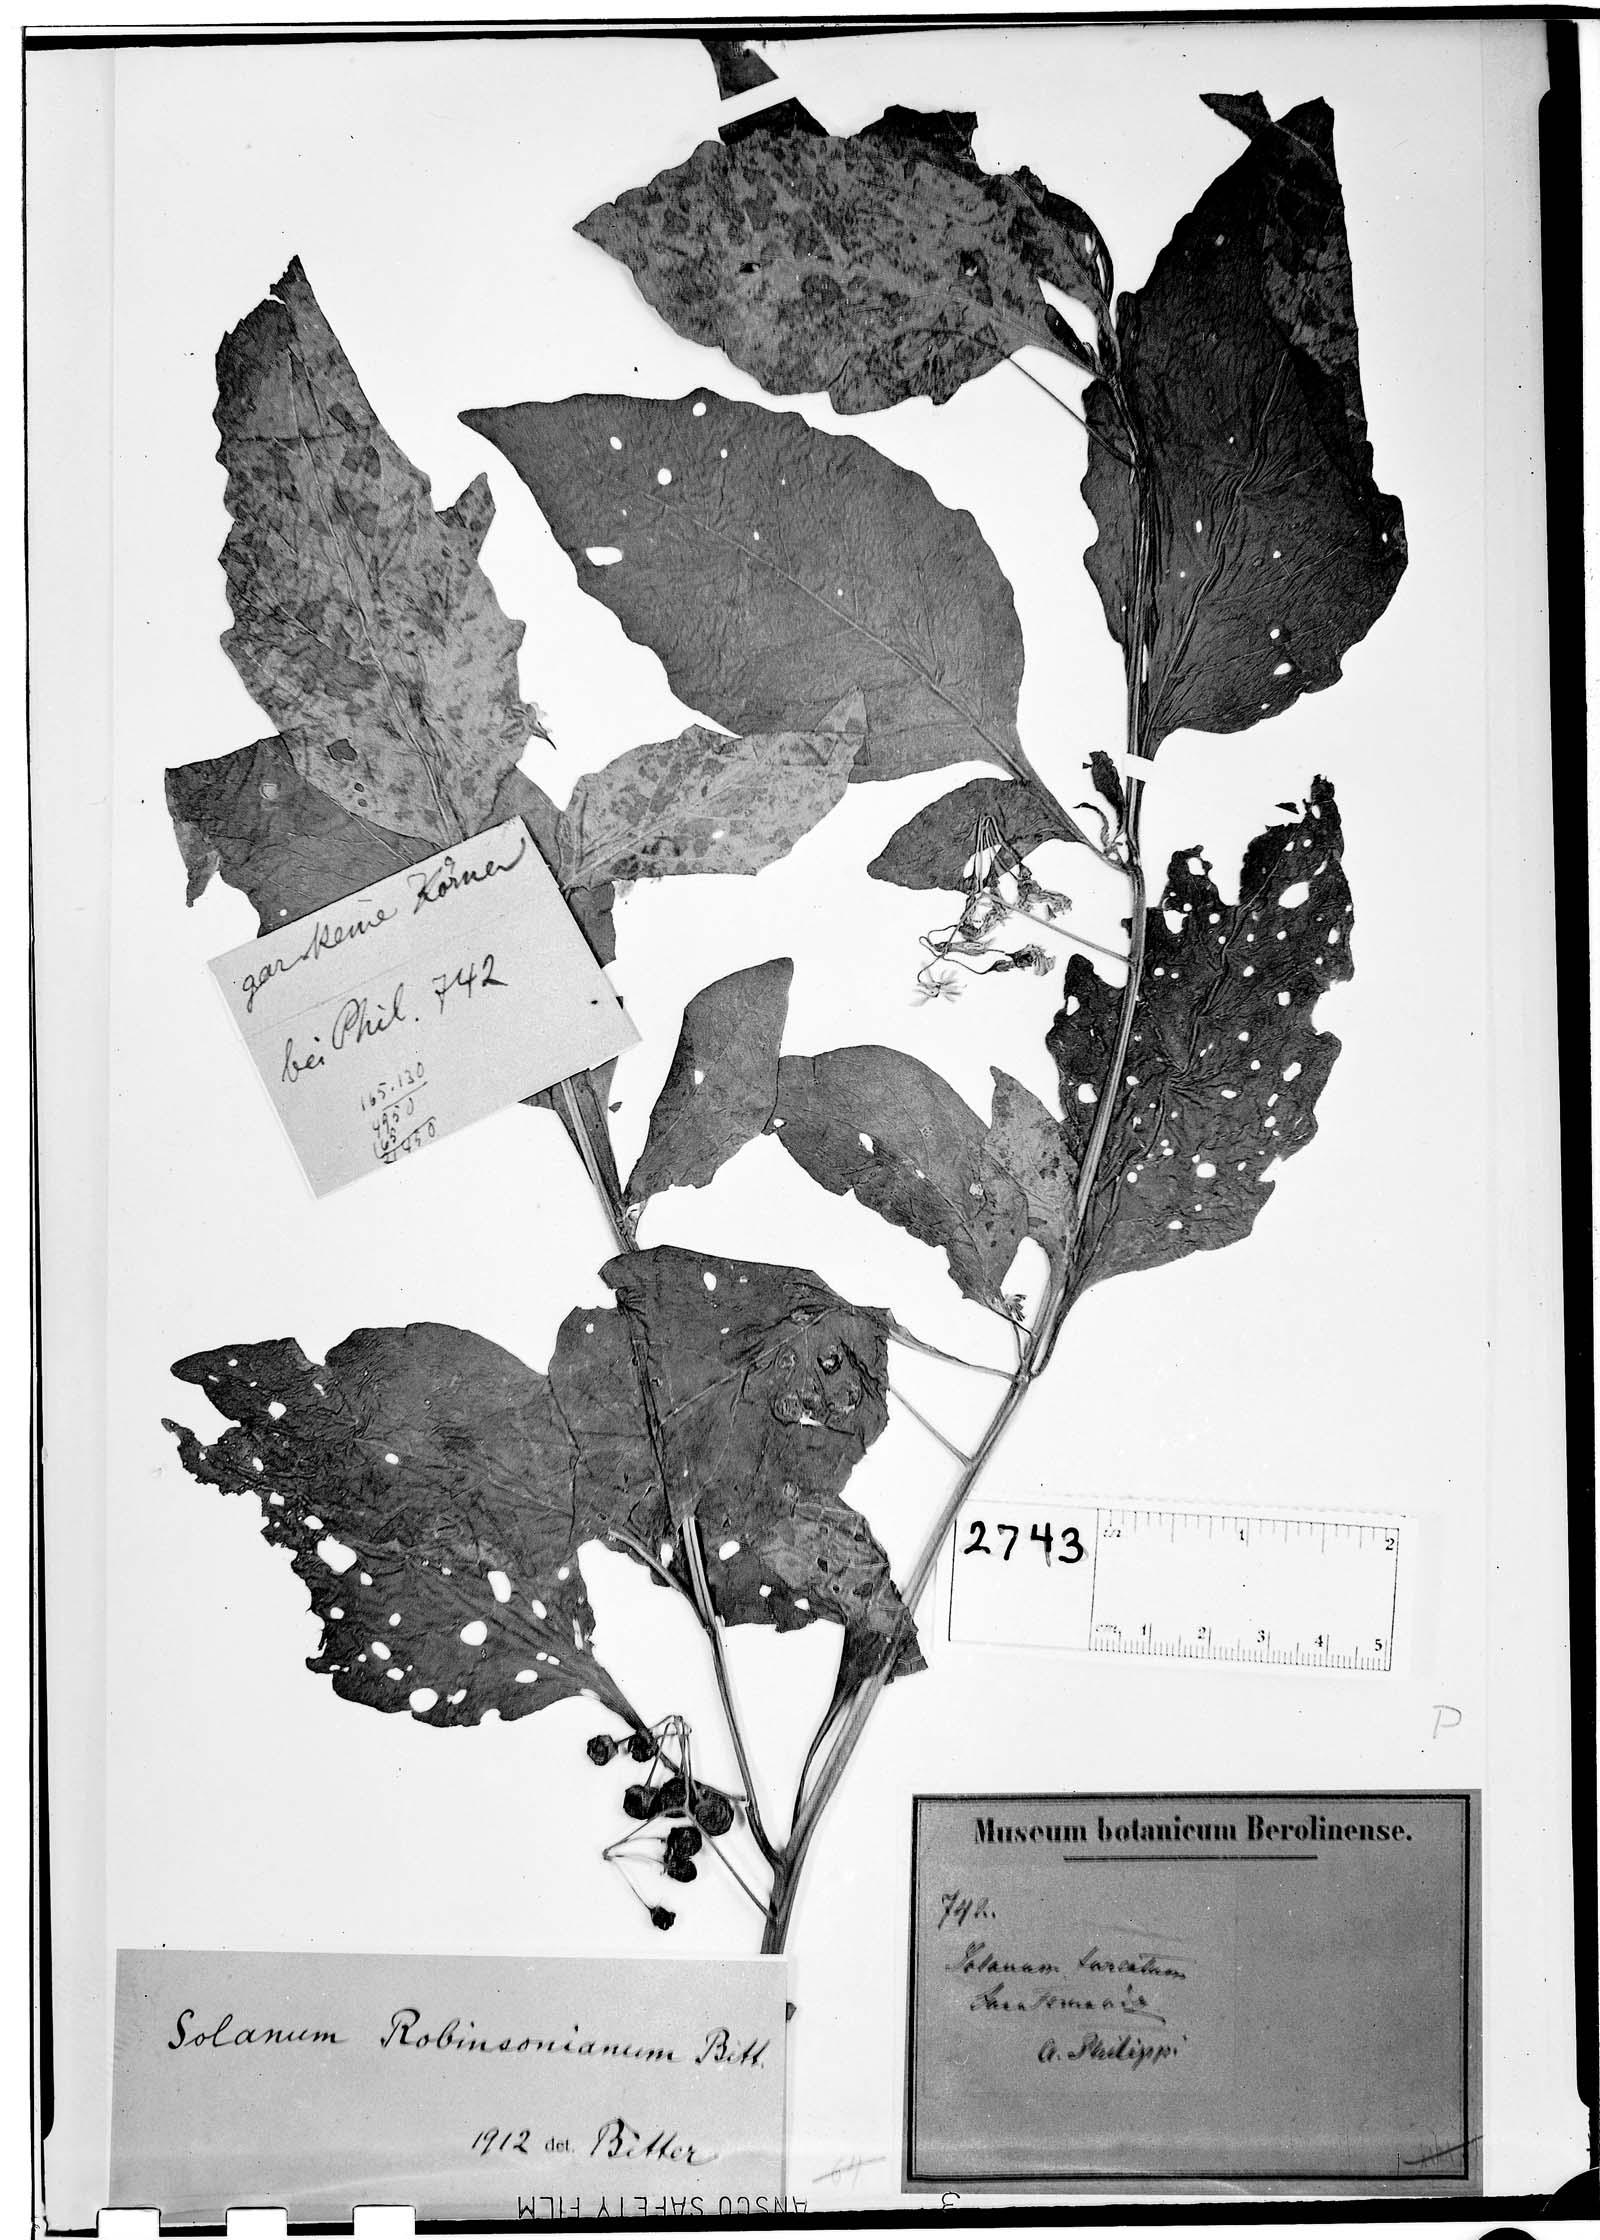 Solanum robinsonianum image